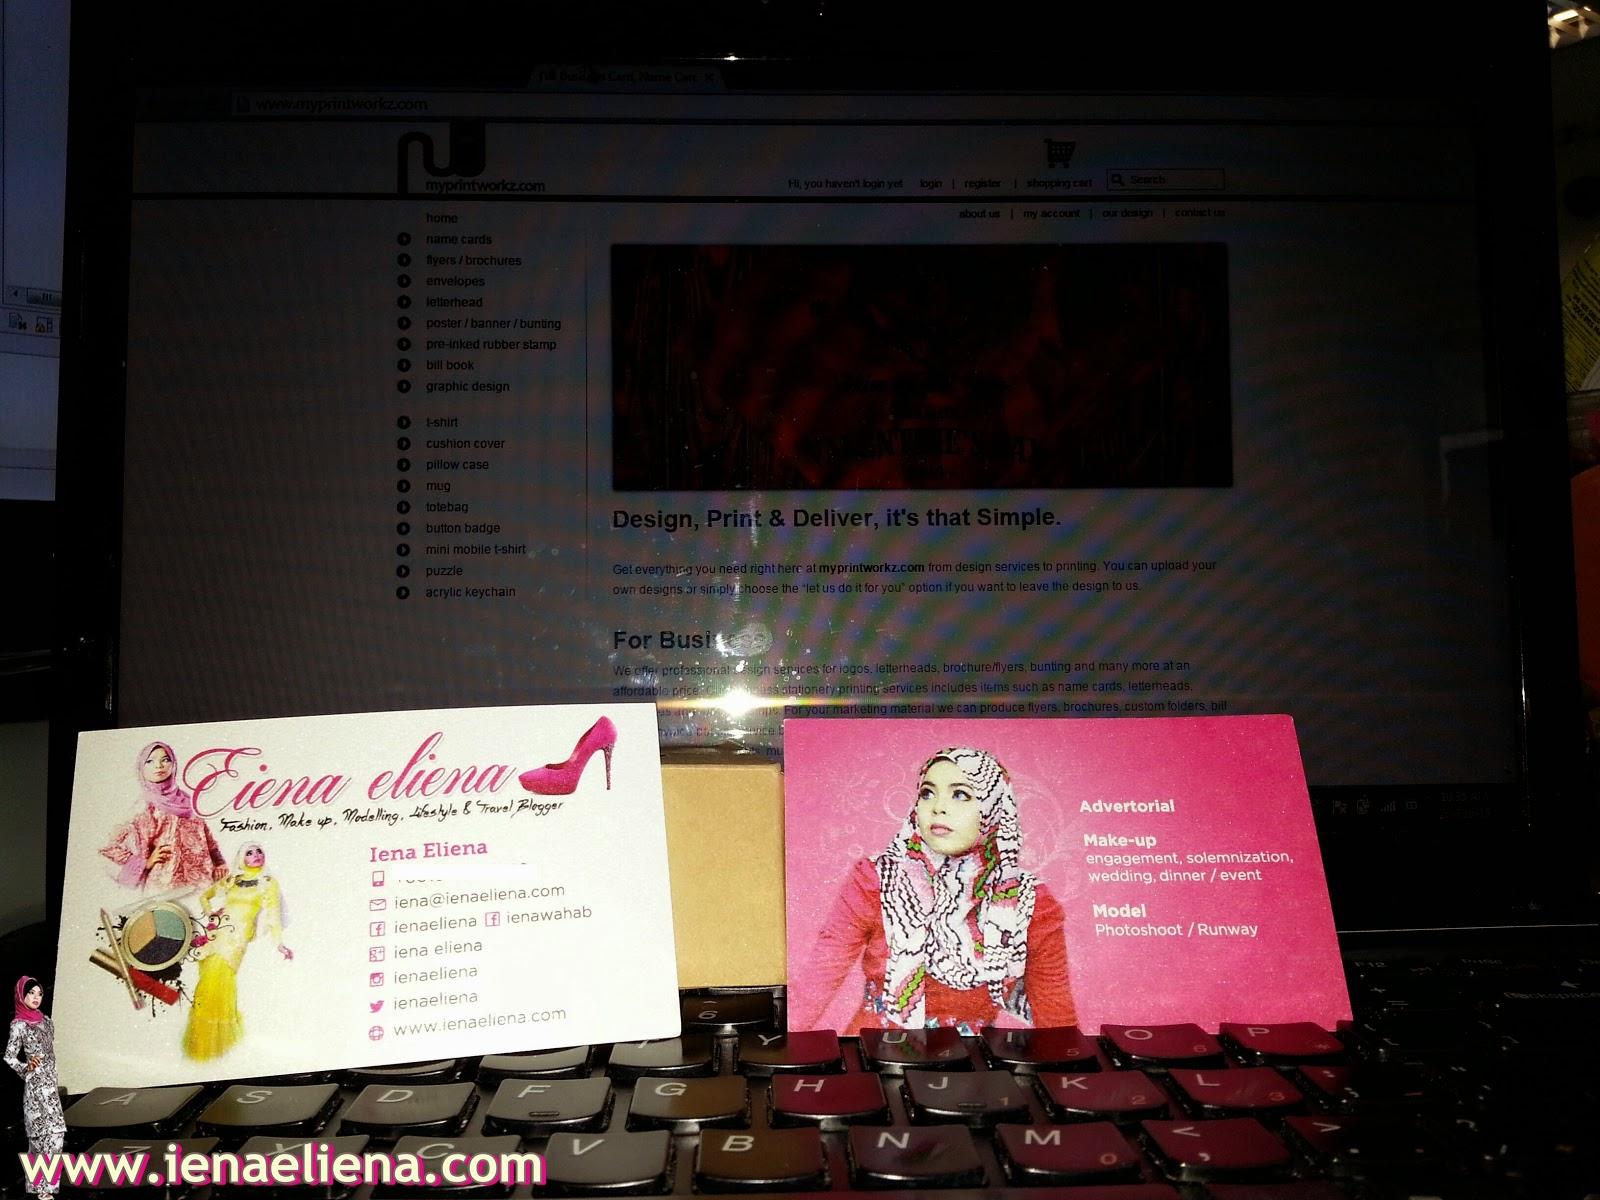 model iena eliena name card, blogger iena eliena name card